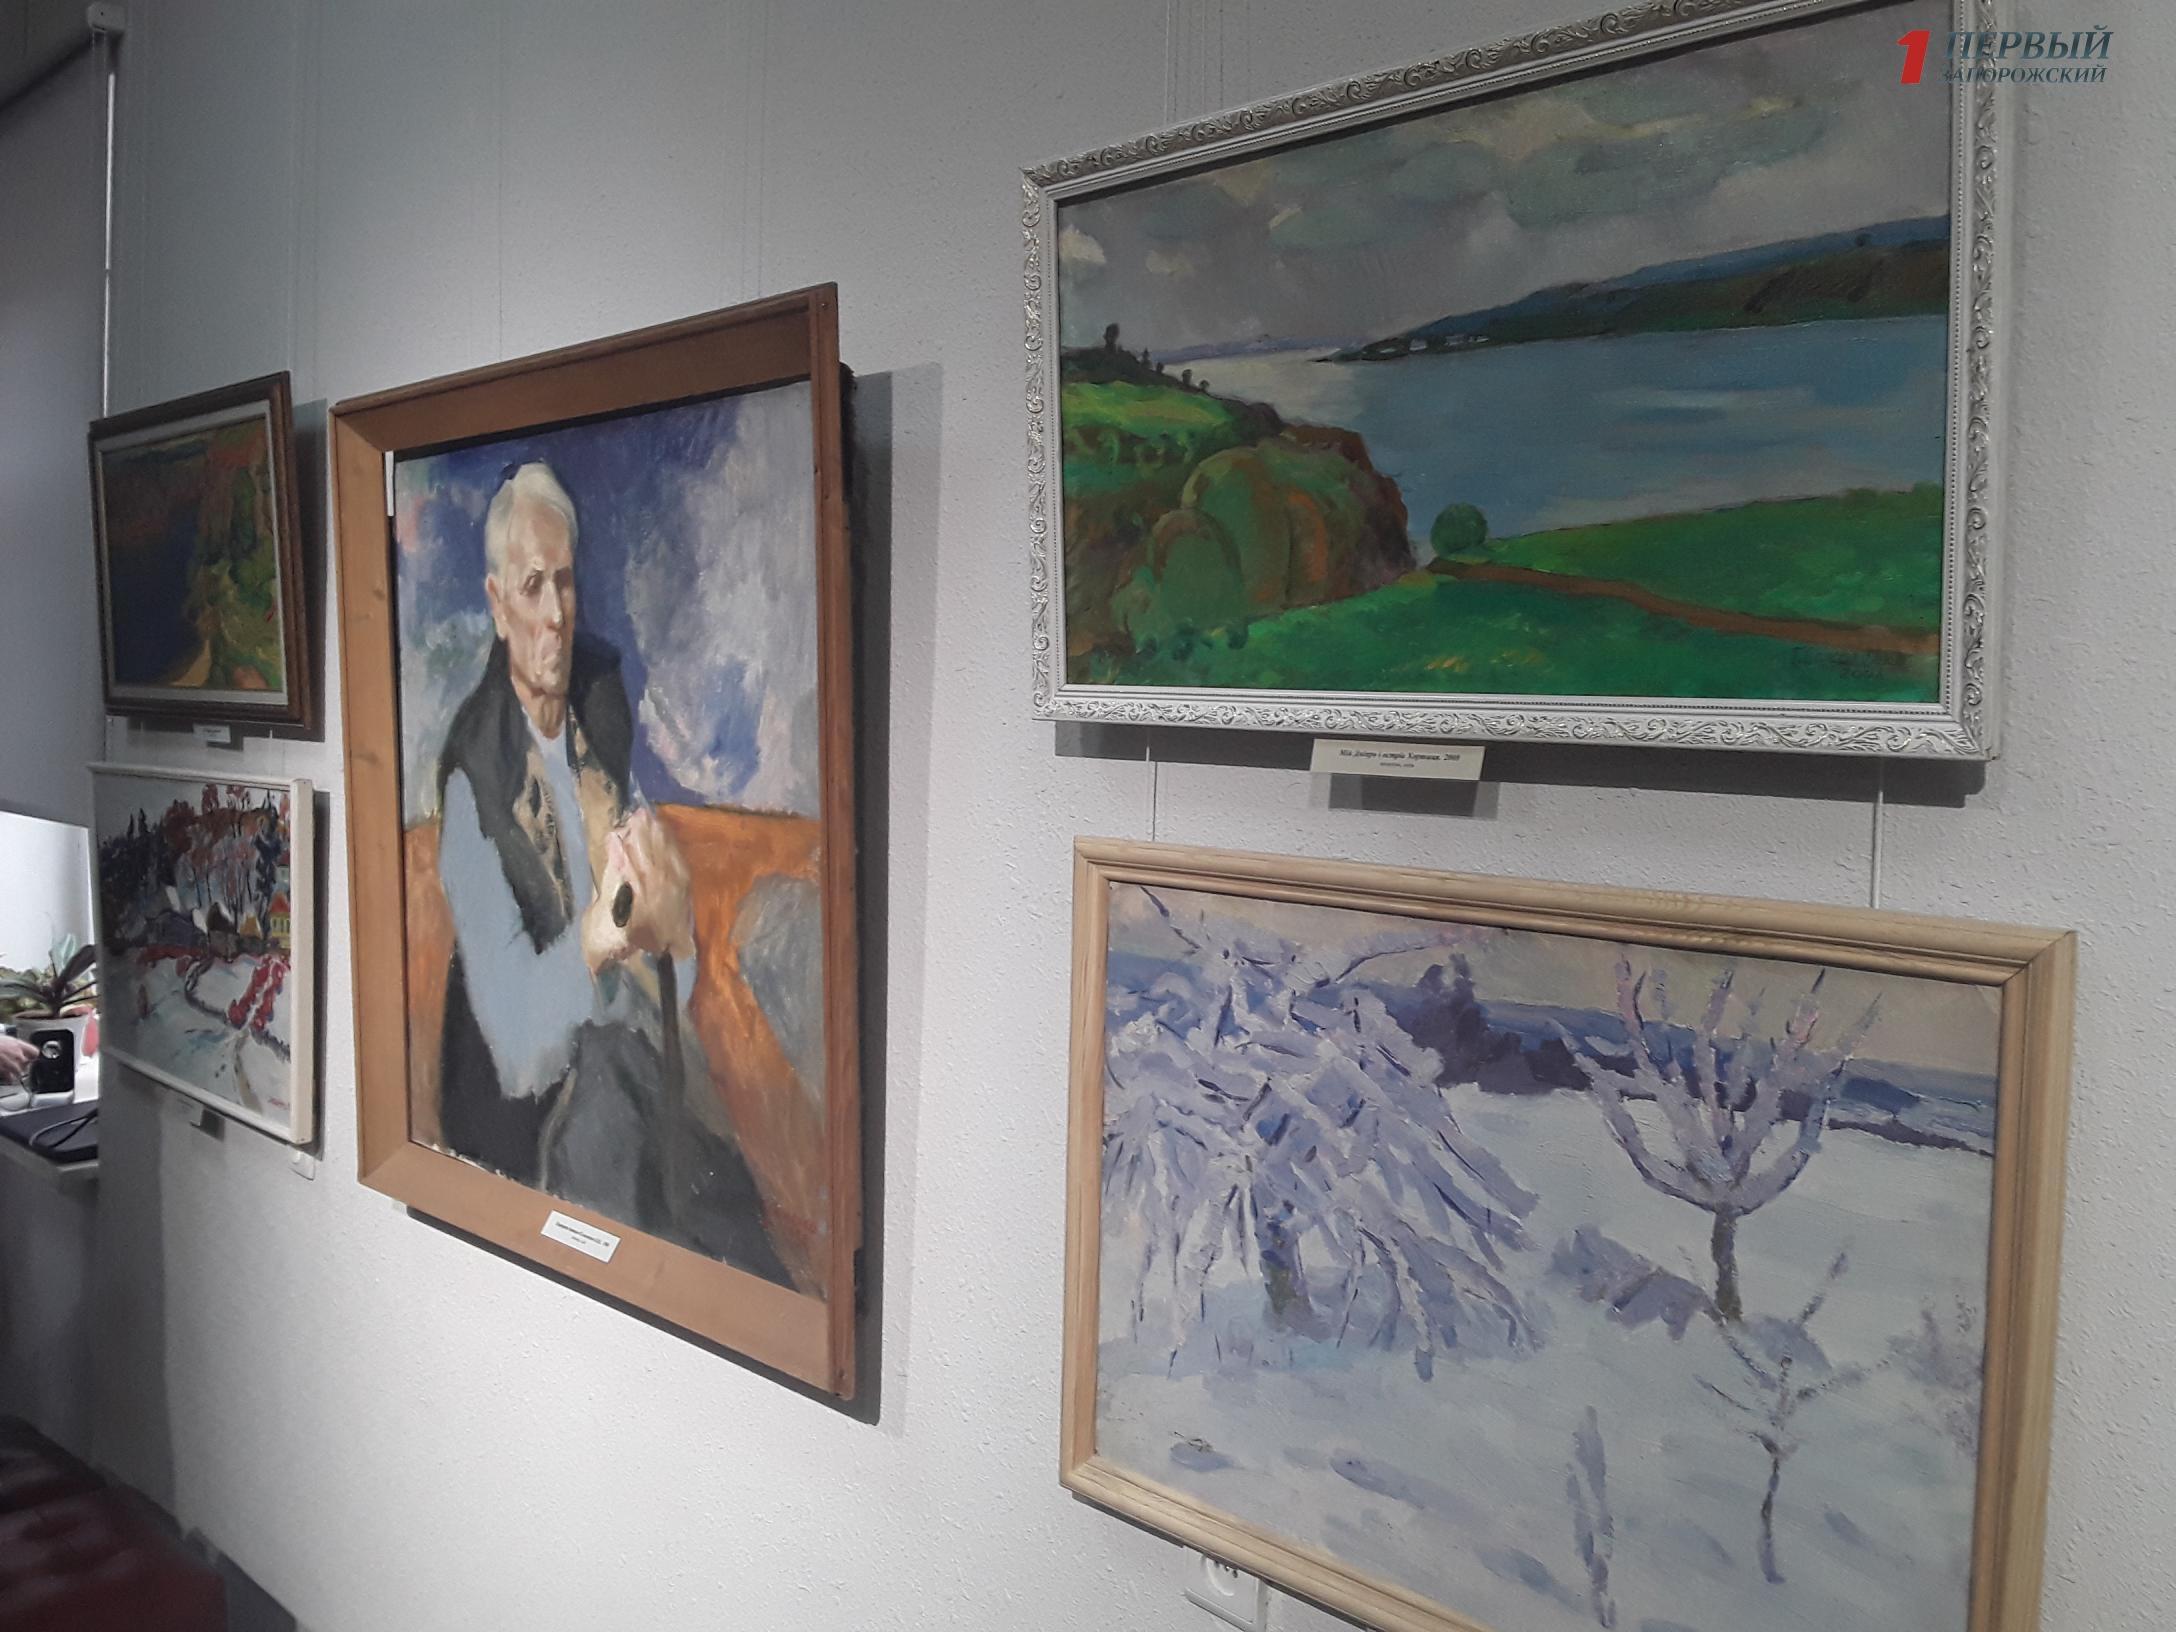 В запорожском музее открылась уникальная выставка художника-бандуриста - ФОТО